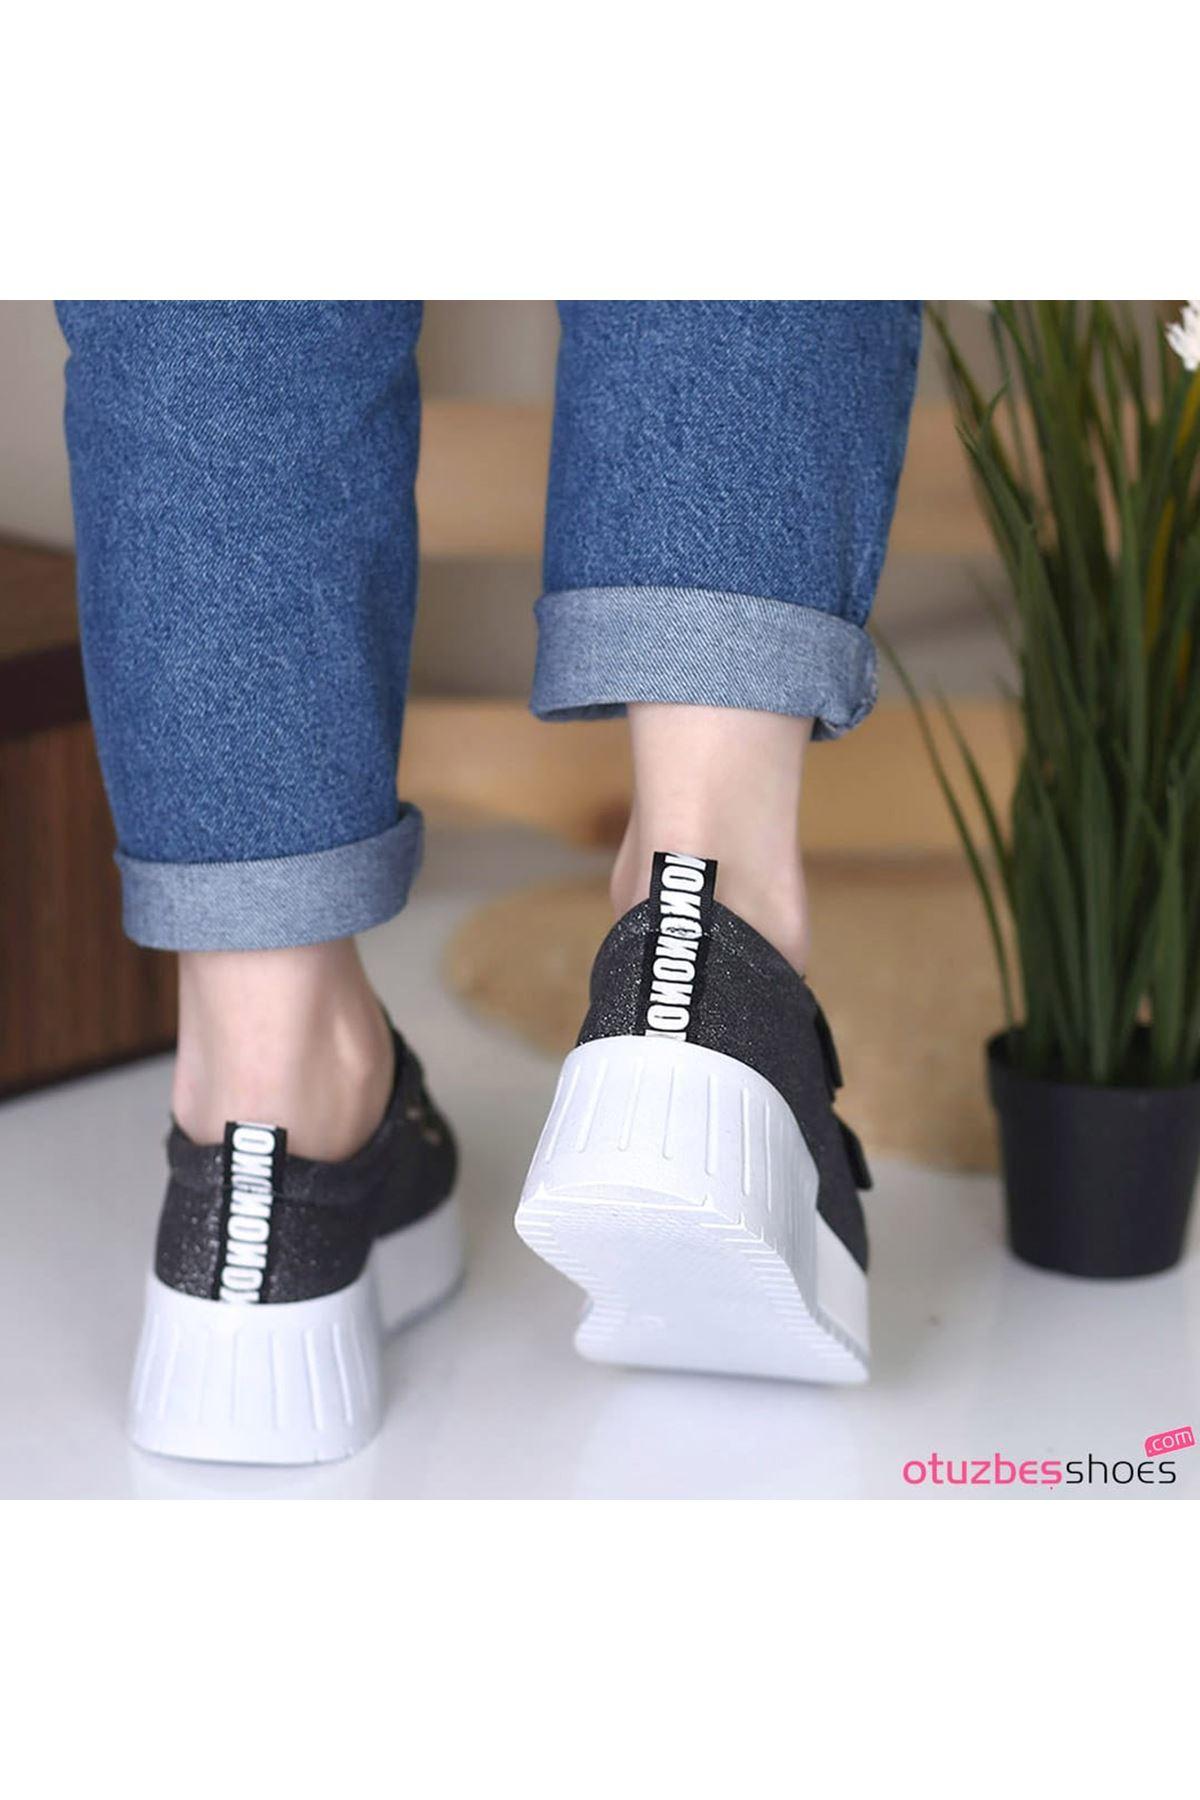 Mosso Simli Cırt Detay Beyaz Taban Platin Spor Ayakkabı